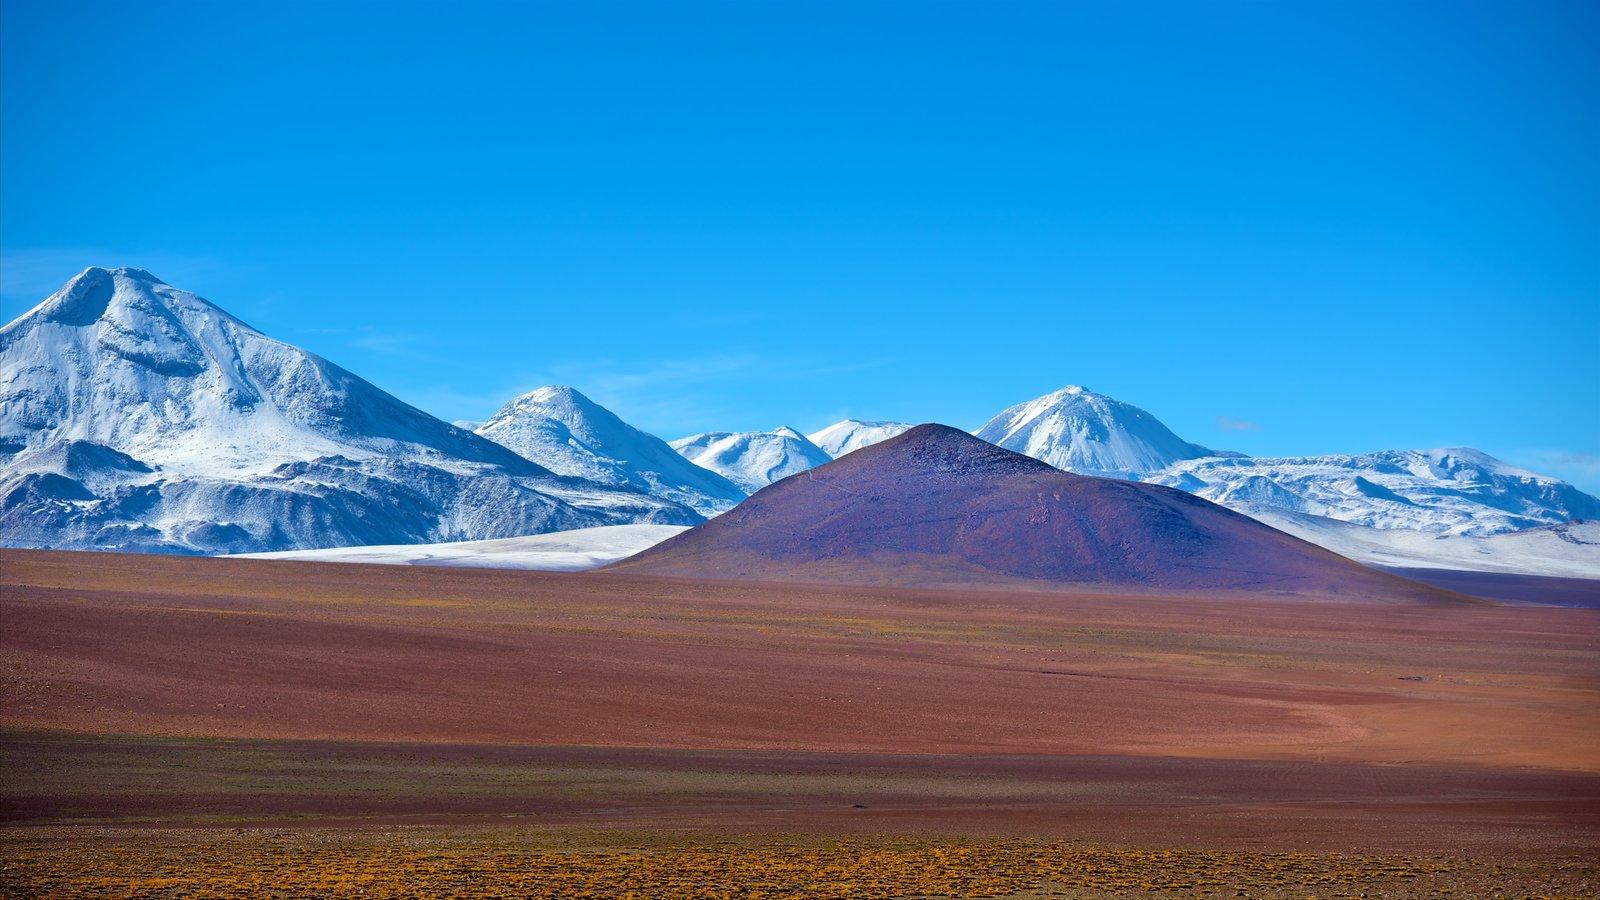 Chile mostrando cenas tranquilas, montanhas e neve